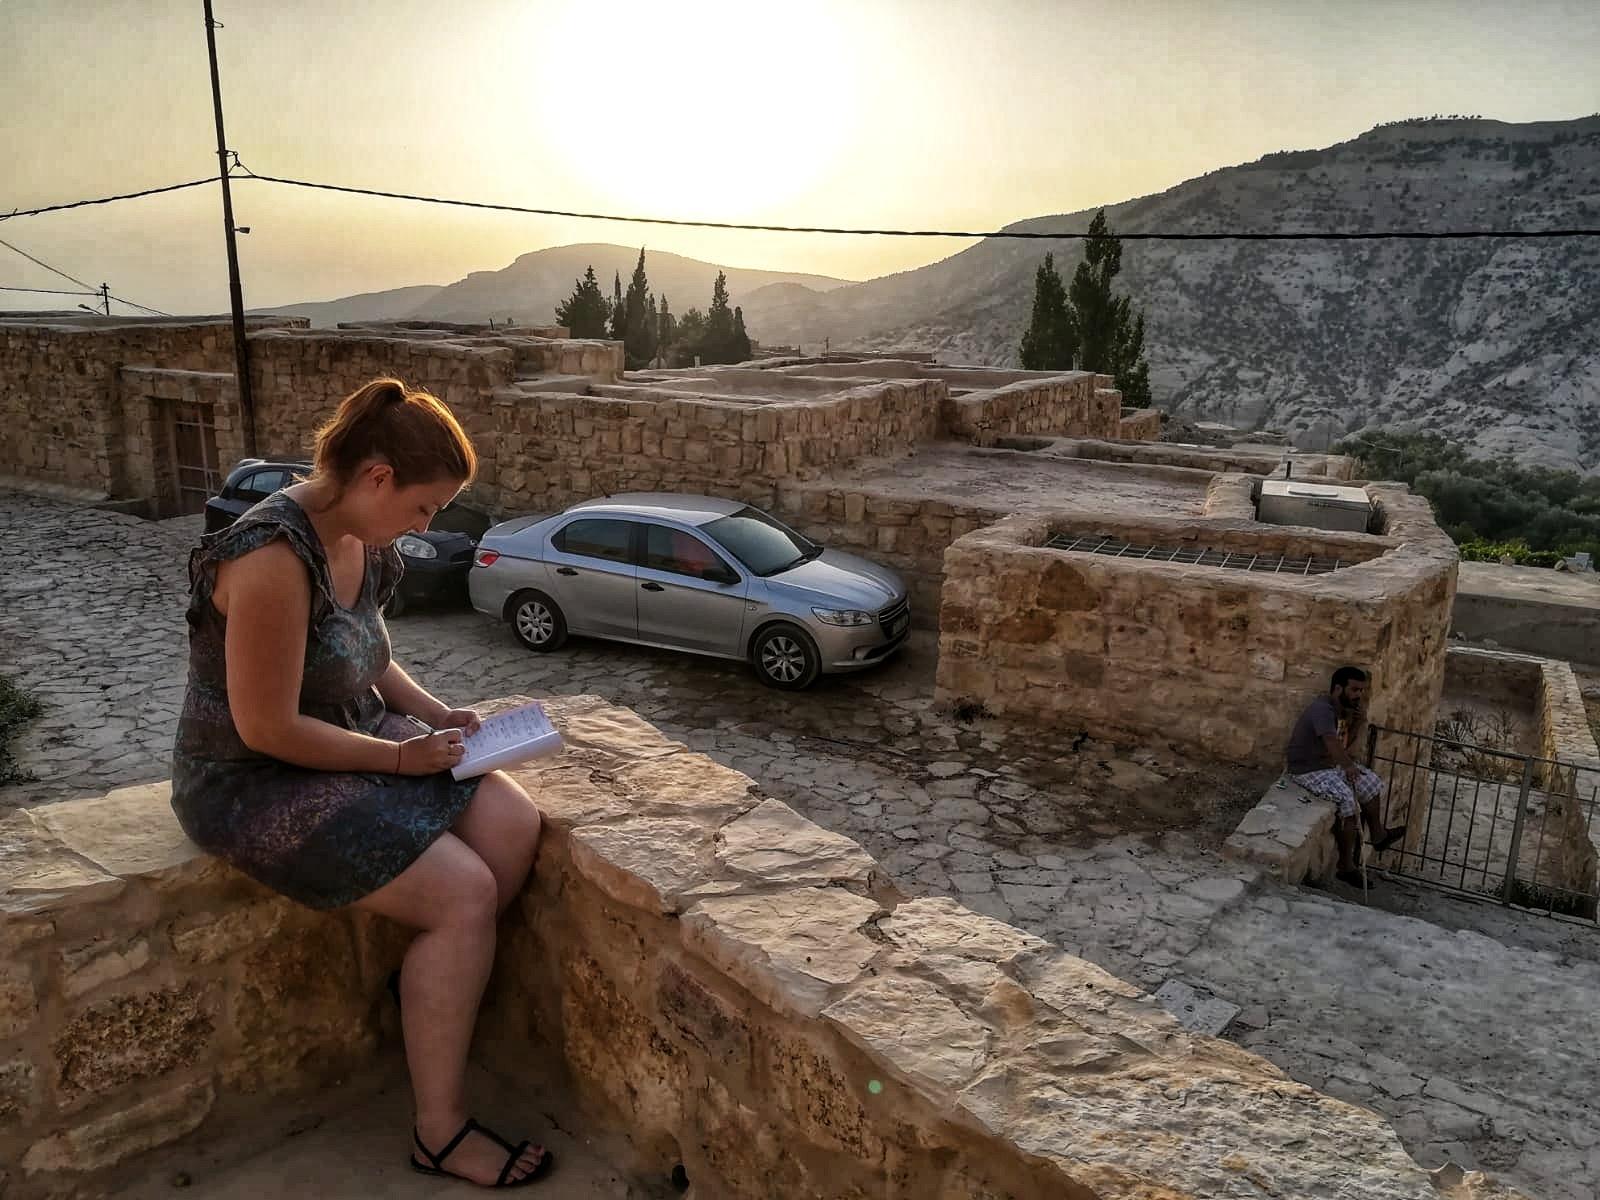 Jordanie - Un berger m'apprend l'arabe au petit village de Dana